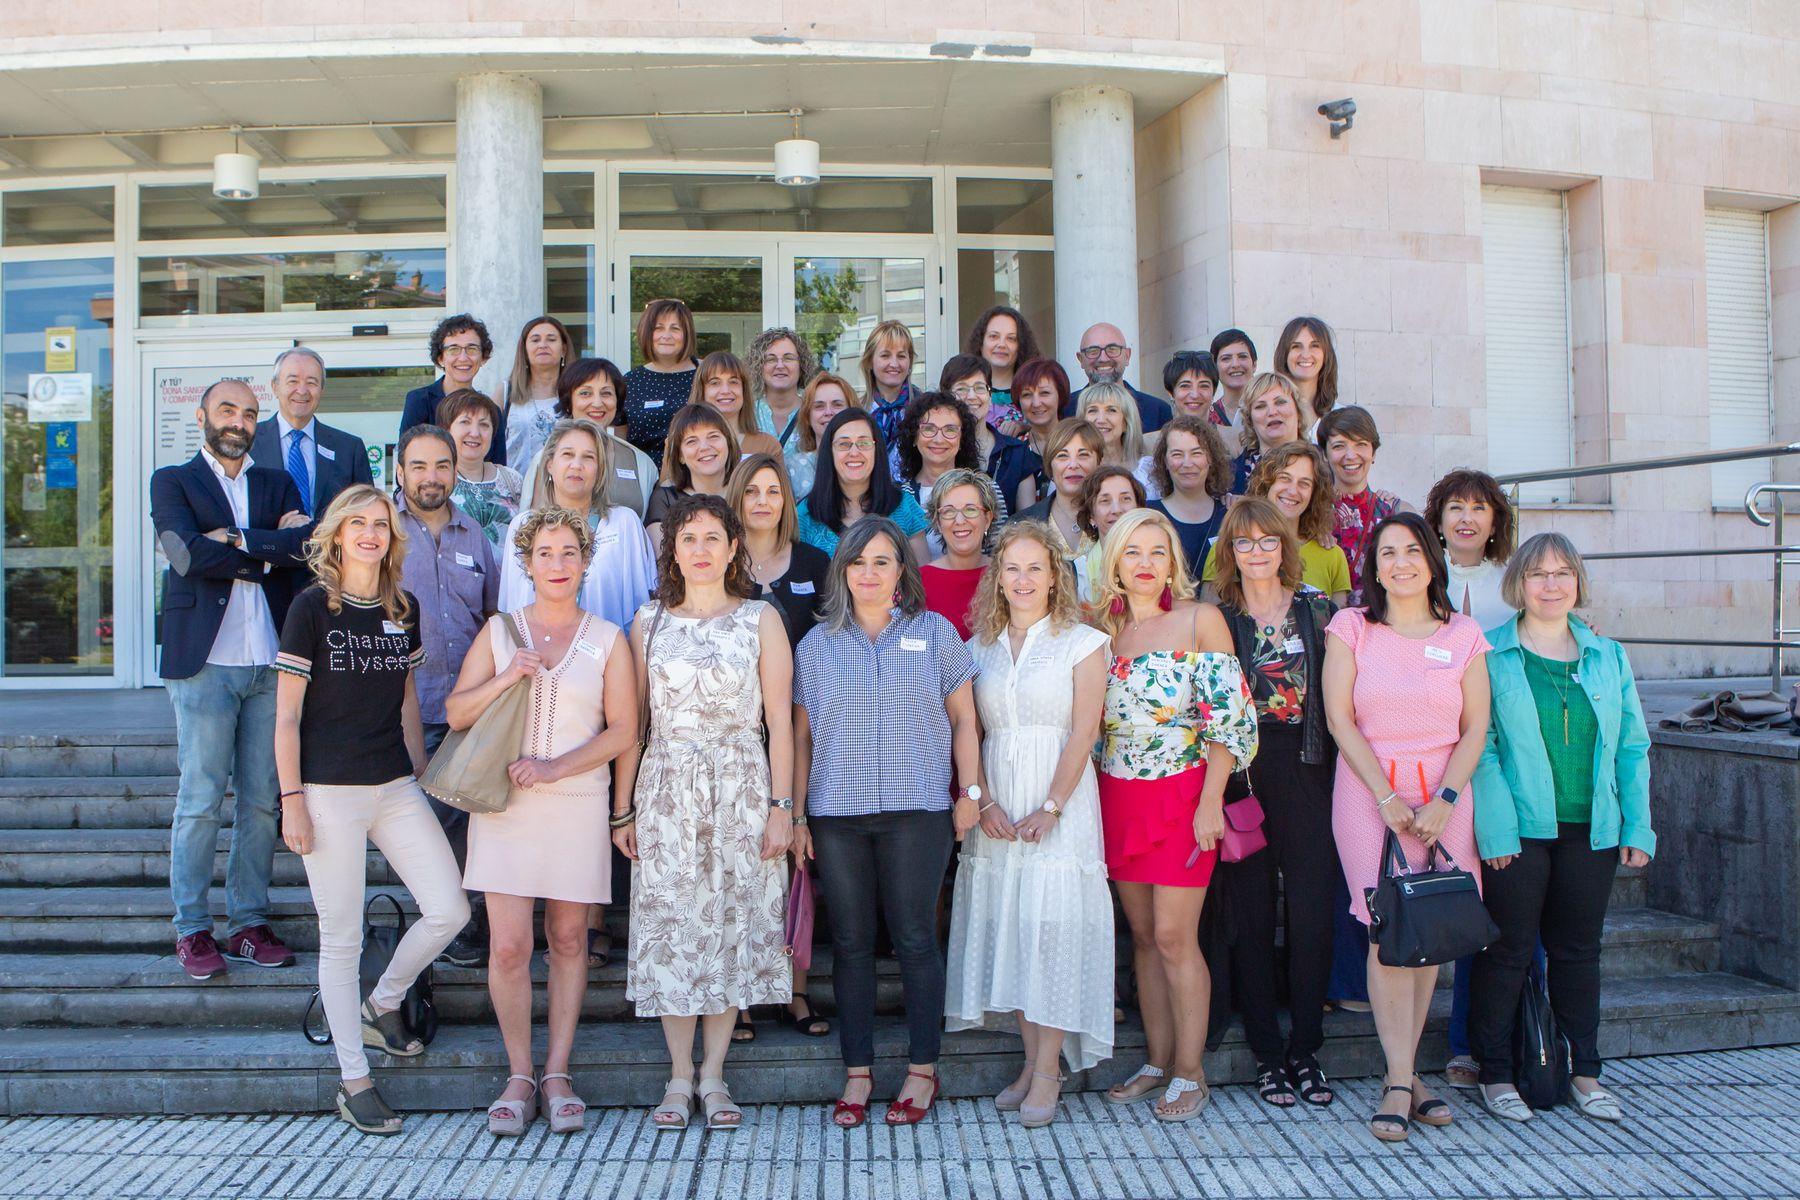 Foto de familia del encuentro con motivo del 25.º aniversario de la segunda promoción de Enfermería de la UPNA, instantánea tomada en las escalinatas de la Faculta de Ciencias de la Salud, en Pamplona.